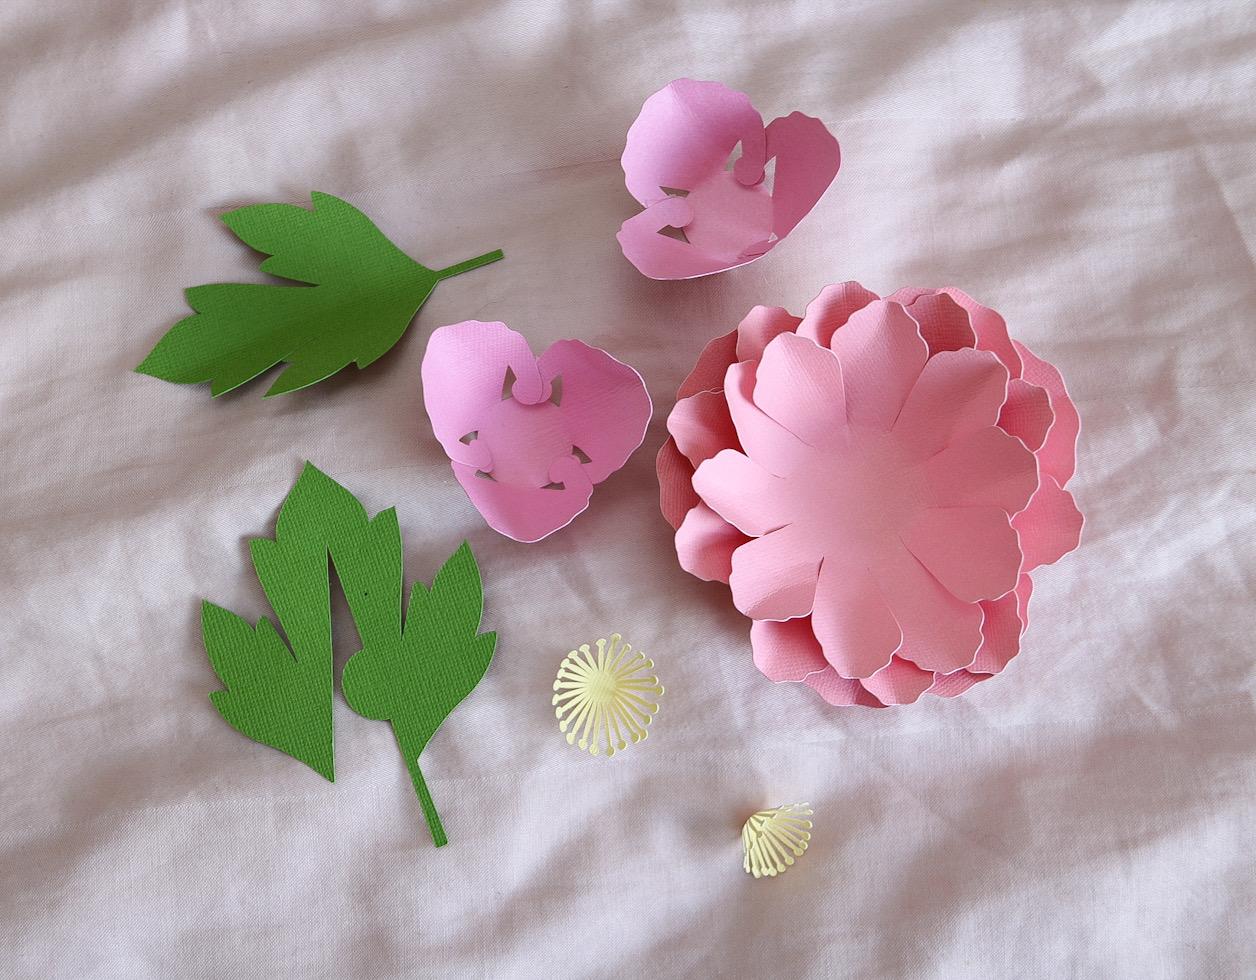 Sätt ihop blommorna Cricut